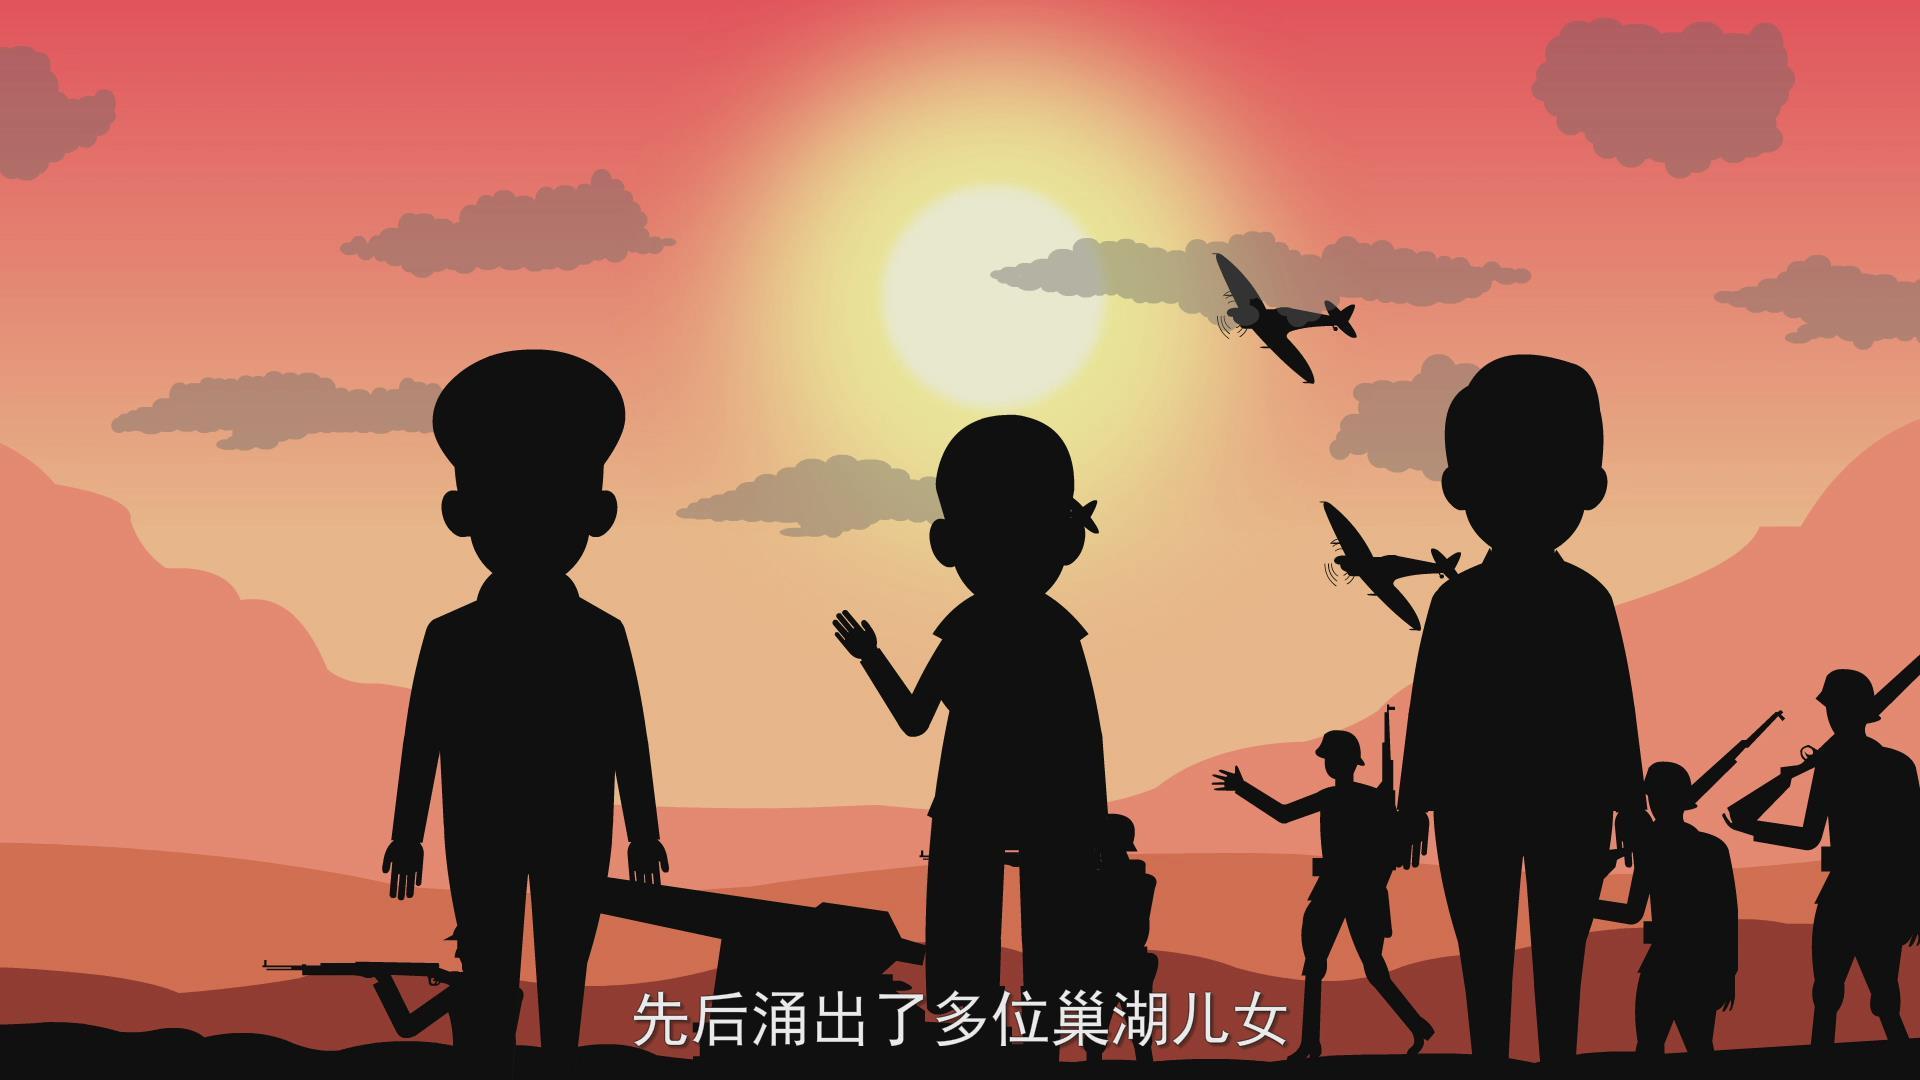 【动漫】清风巢湖